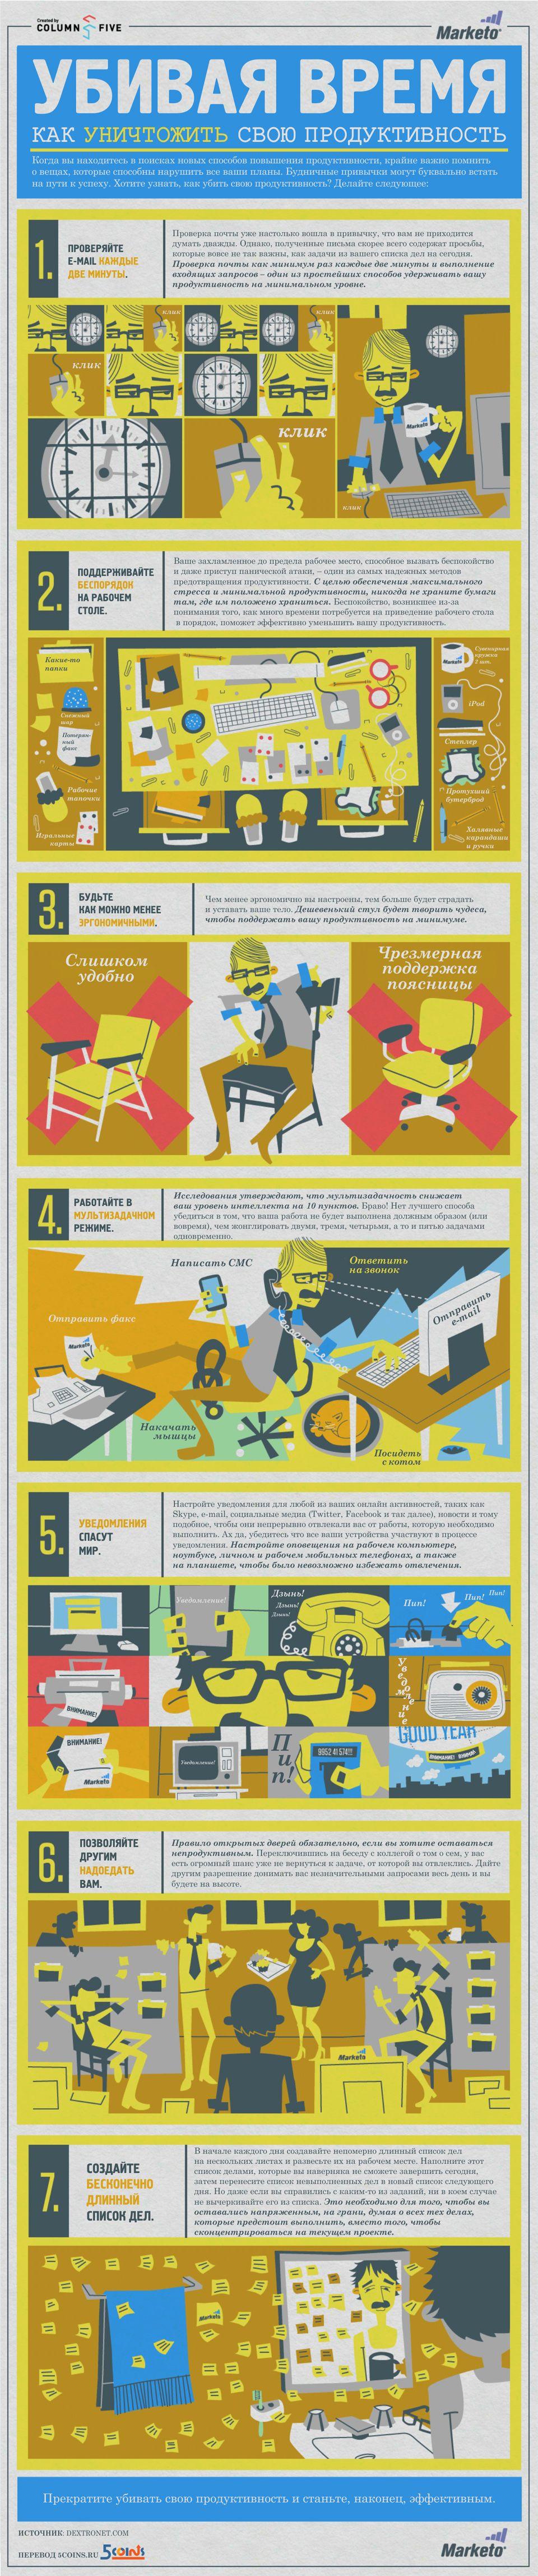 Как убить свою продуктивность